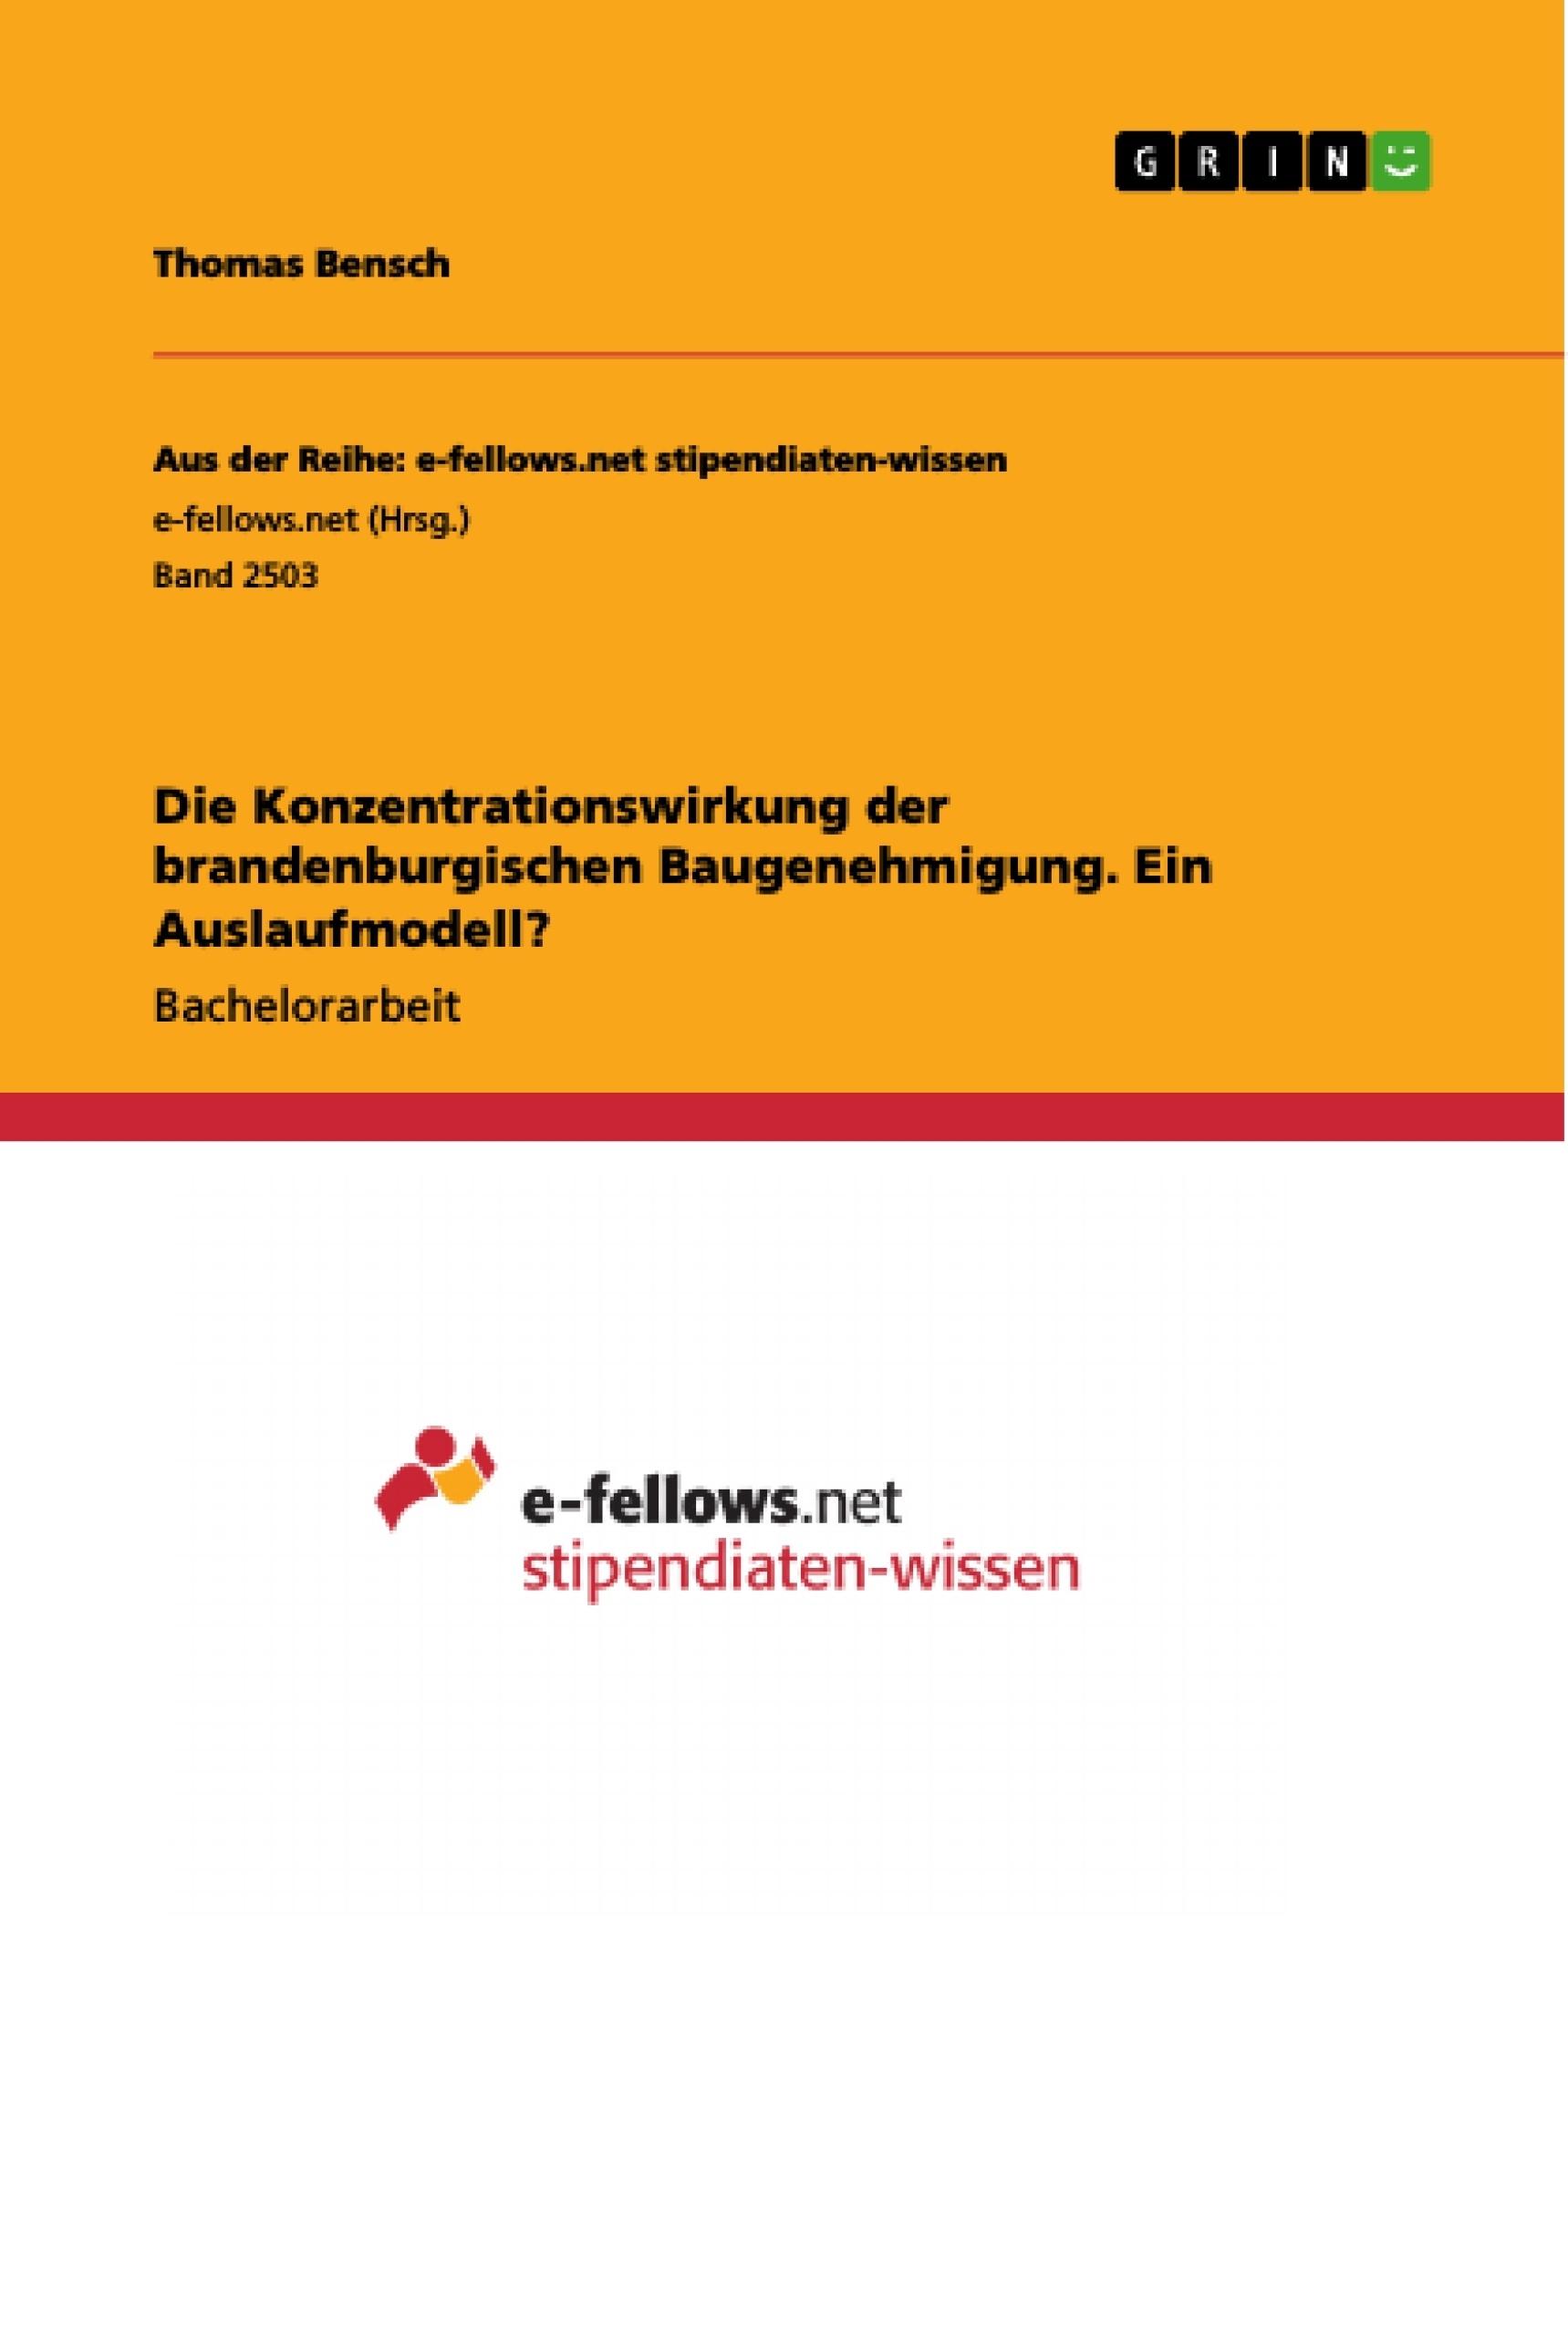 Titel: Die Konzentrationswirkung der brandenburgischen Baugenehmigung. Ein Auslaufmodell?